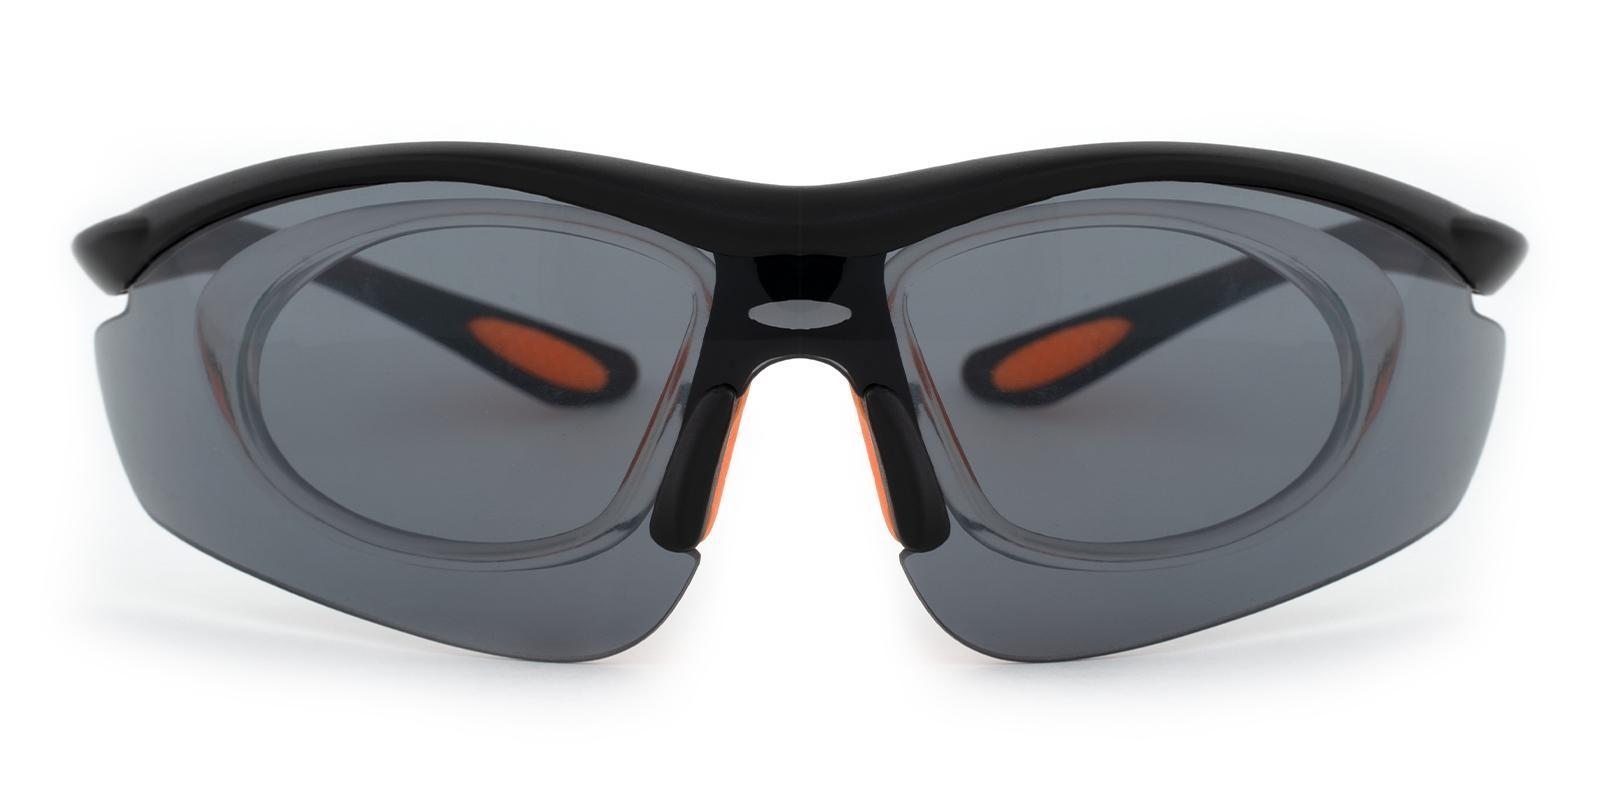 Gustavus Black Plastic NosePads , SportsGlasses Frames from ABBE Glasses